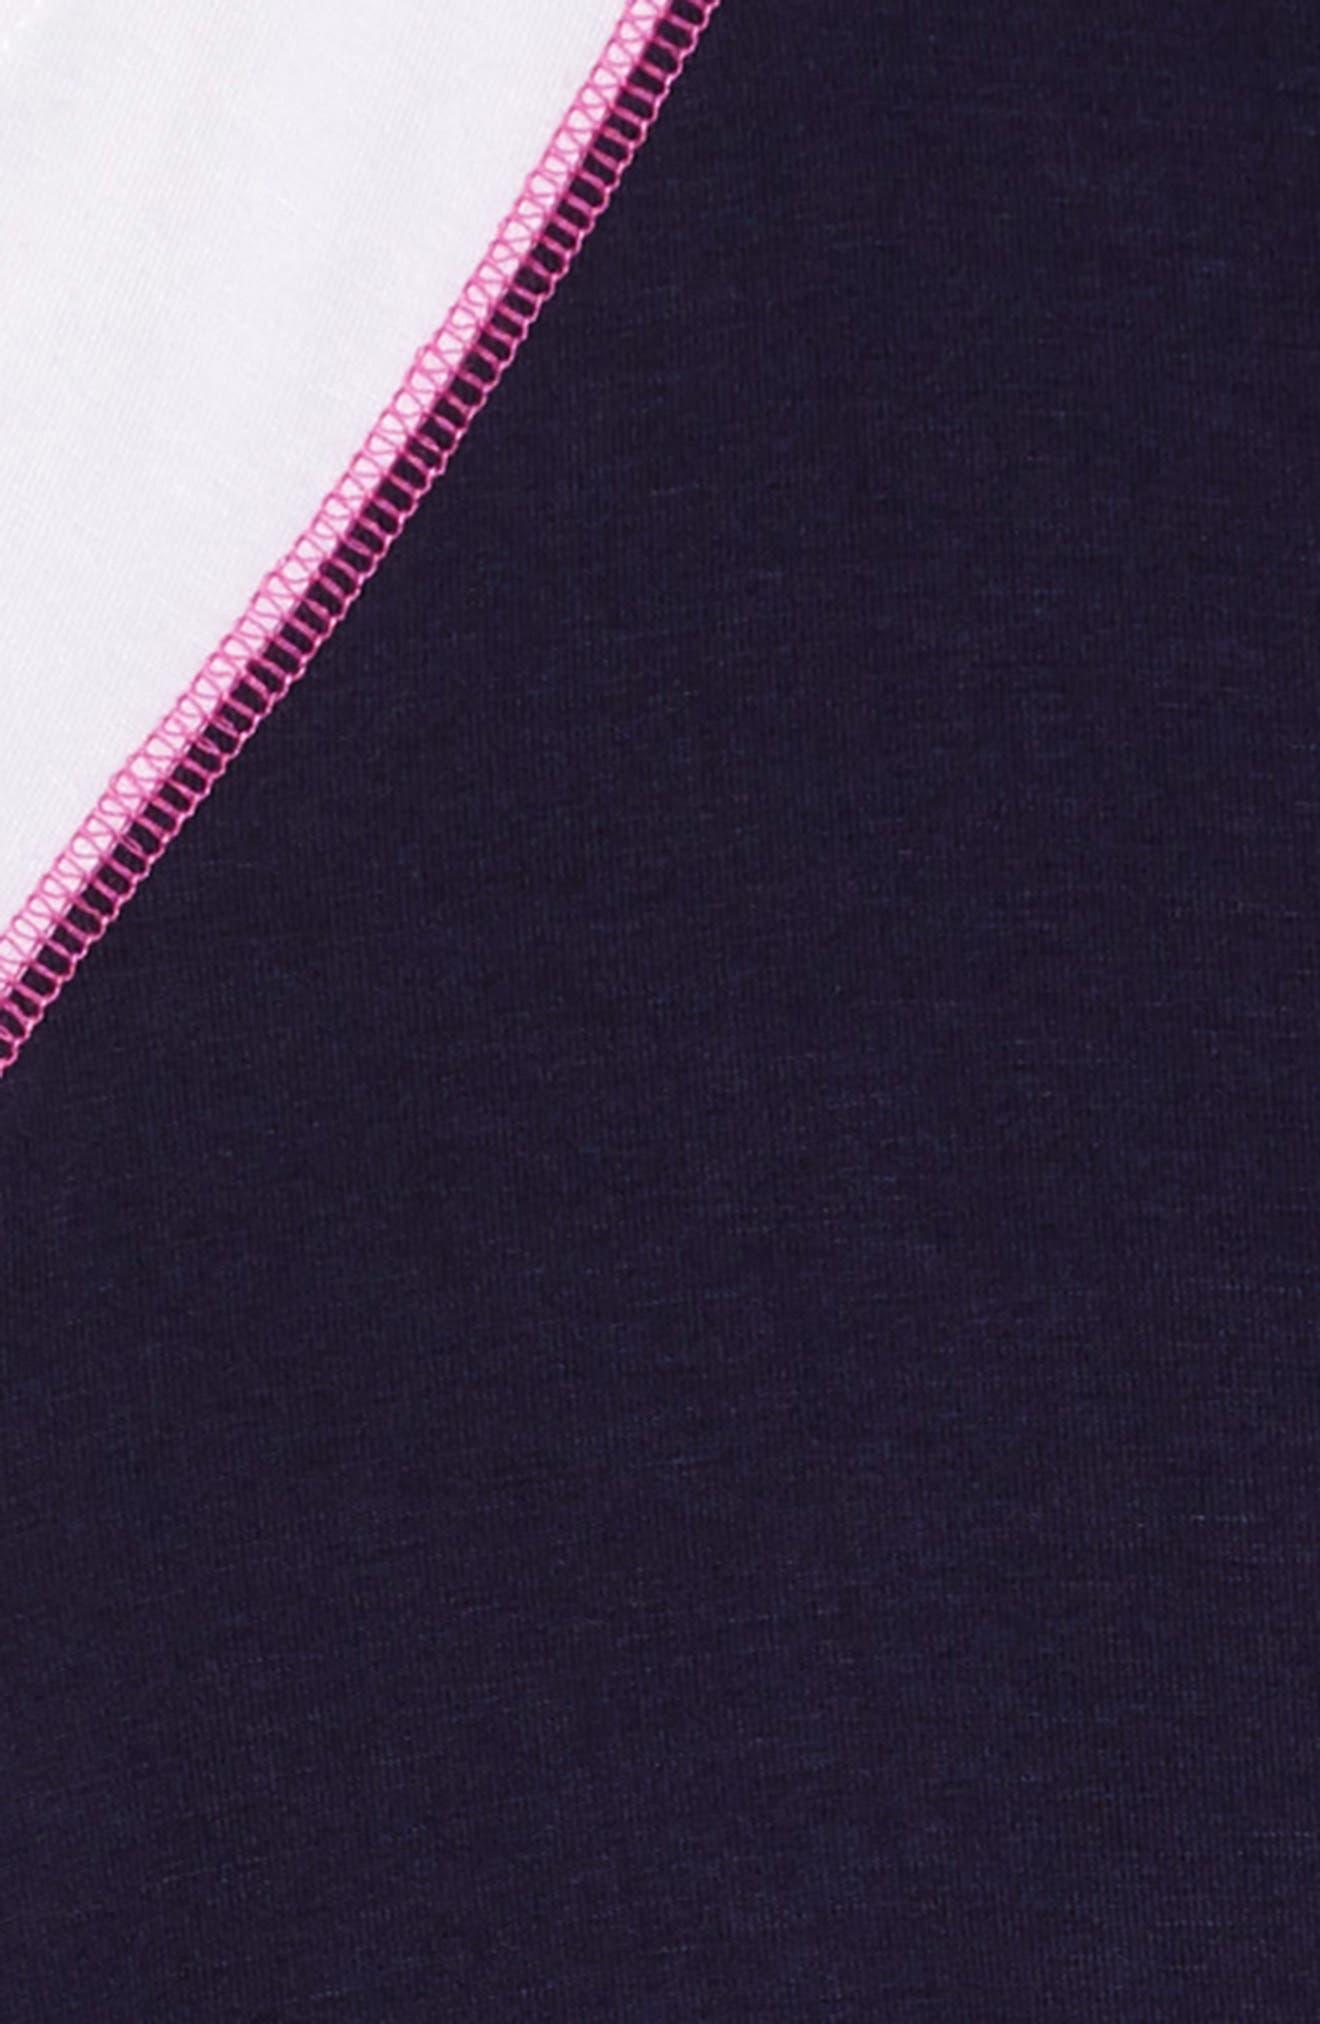 Cold Shoulder Dress,                             Alternate thumbnail 3, color,                             410